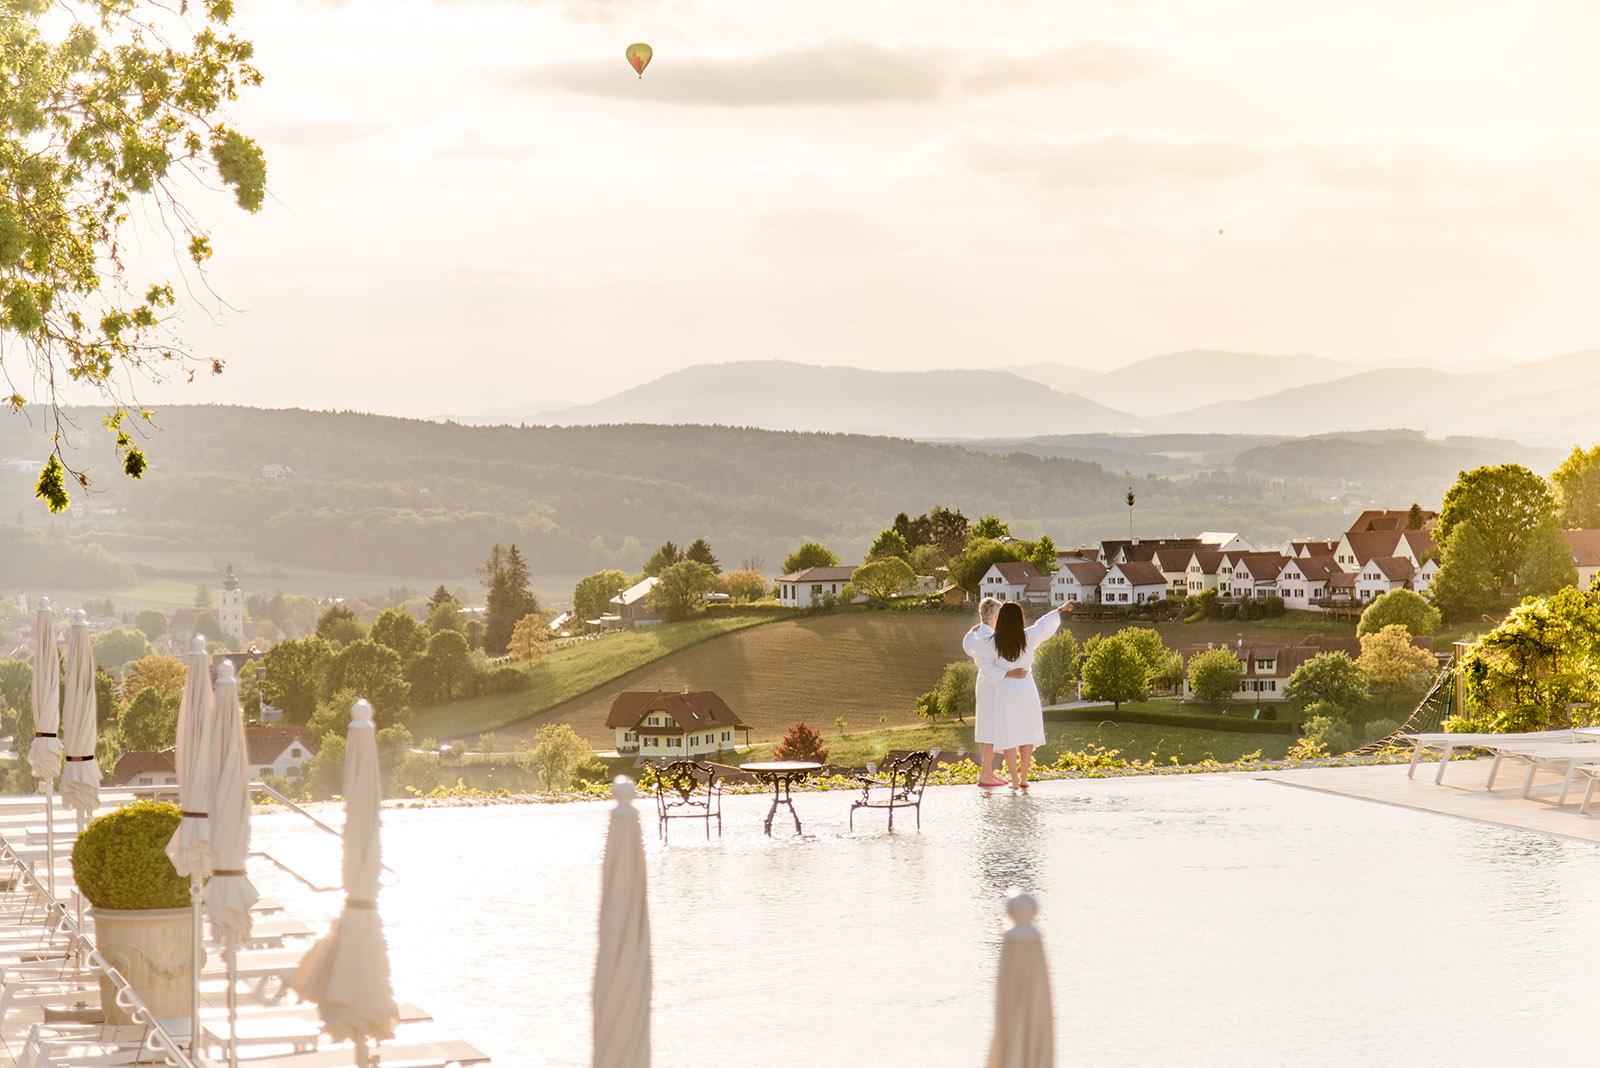 Frau steht in der Tourismusregion Bad Waltersdorf im Morgenmantel vor einem Pool und blickt auf die herrliche Landschaft